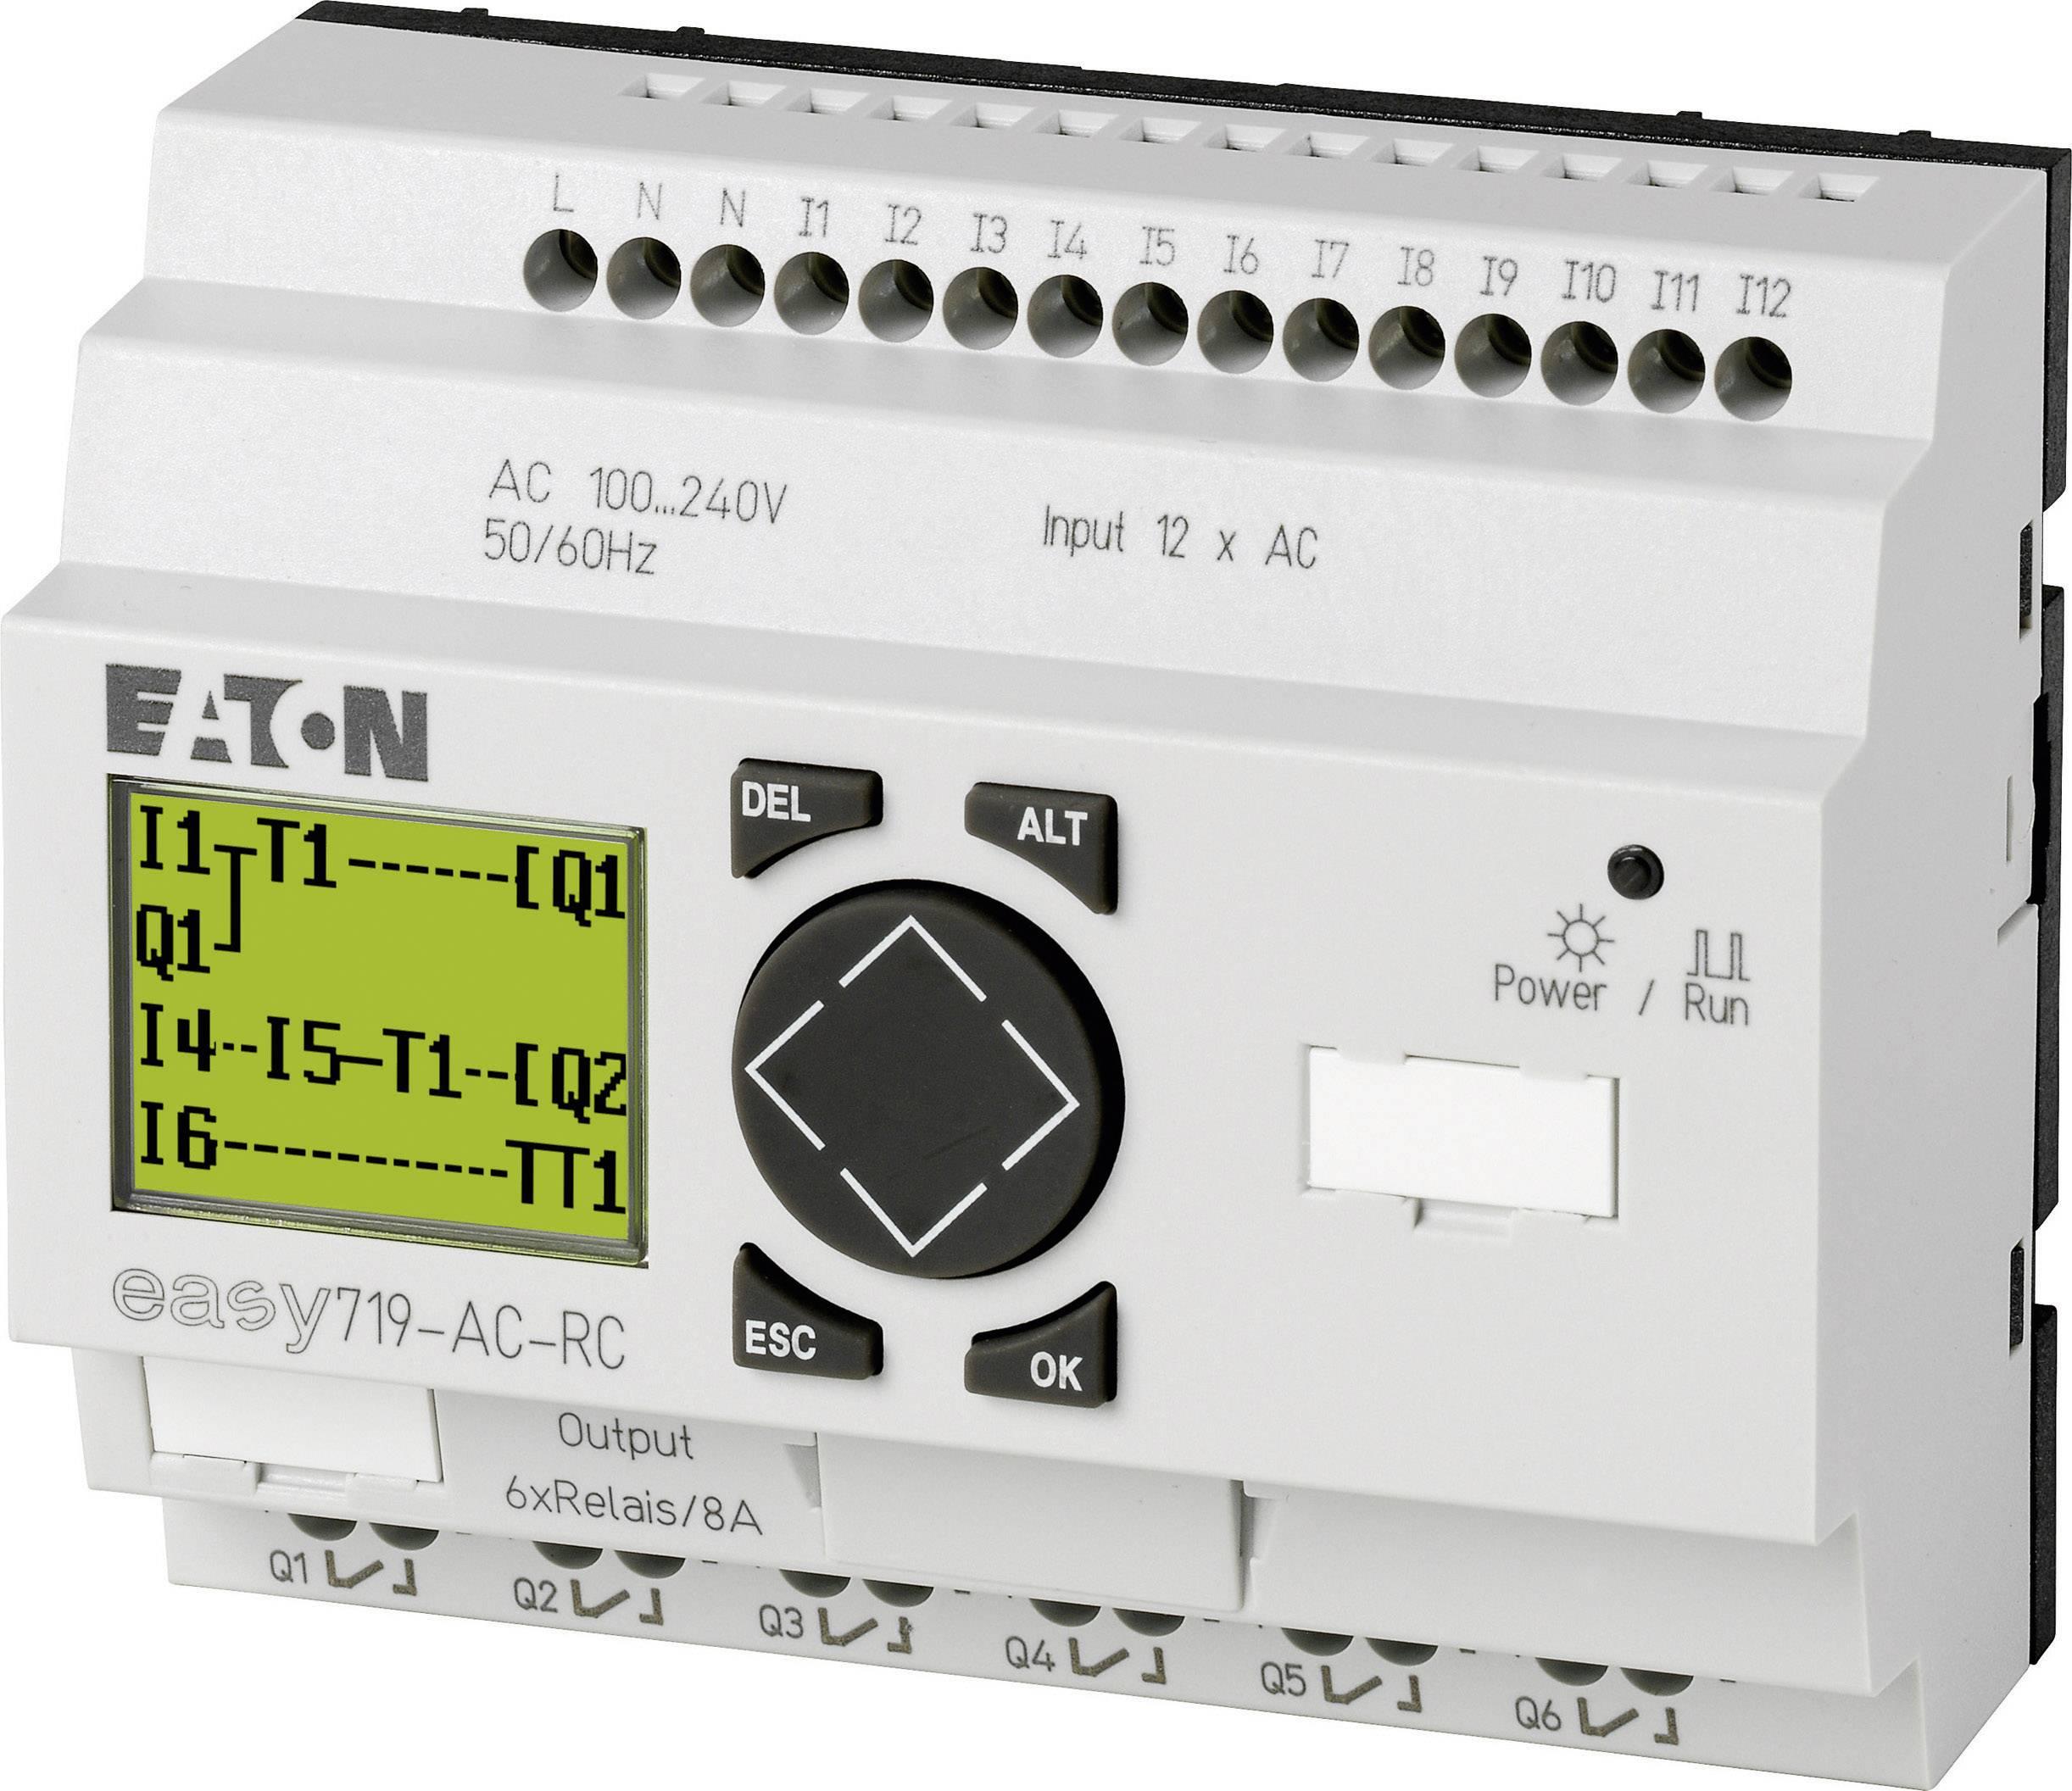 Riadiacimodul Eaton easy 719-AC-RC 274115, 115 V/AC, 230 V/AC